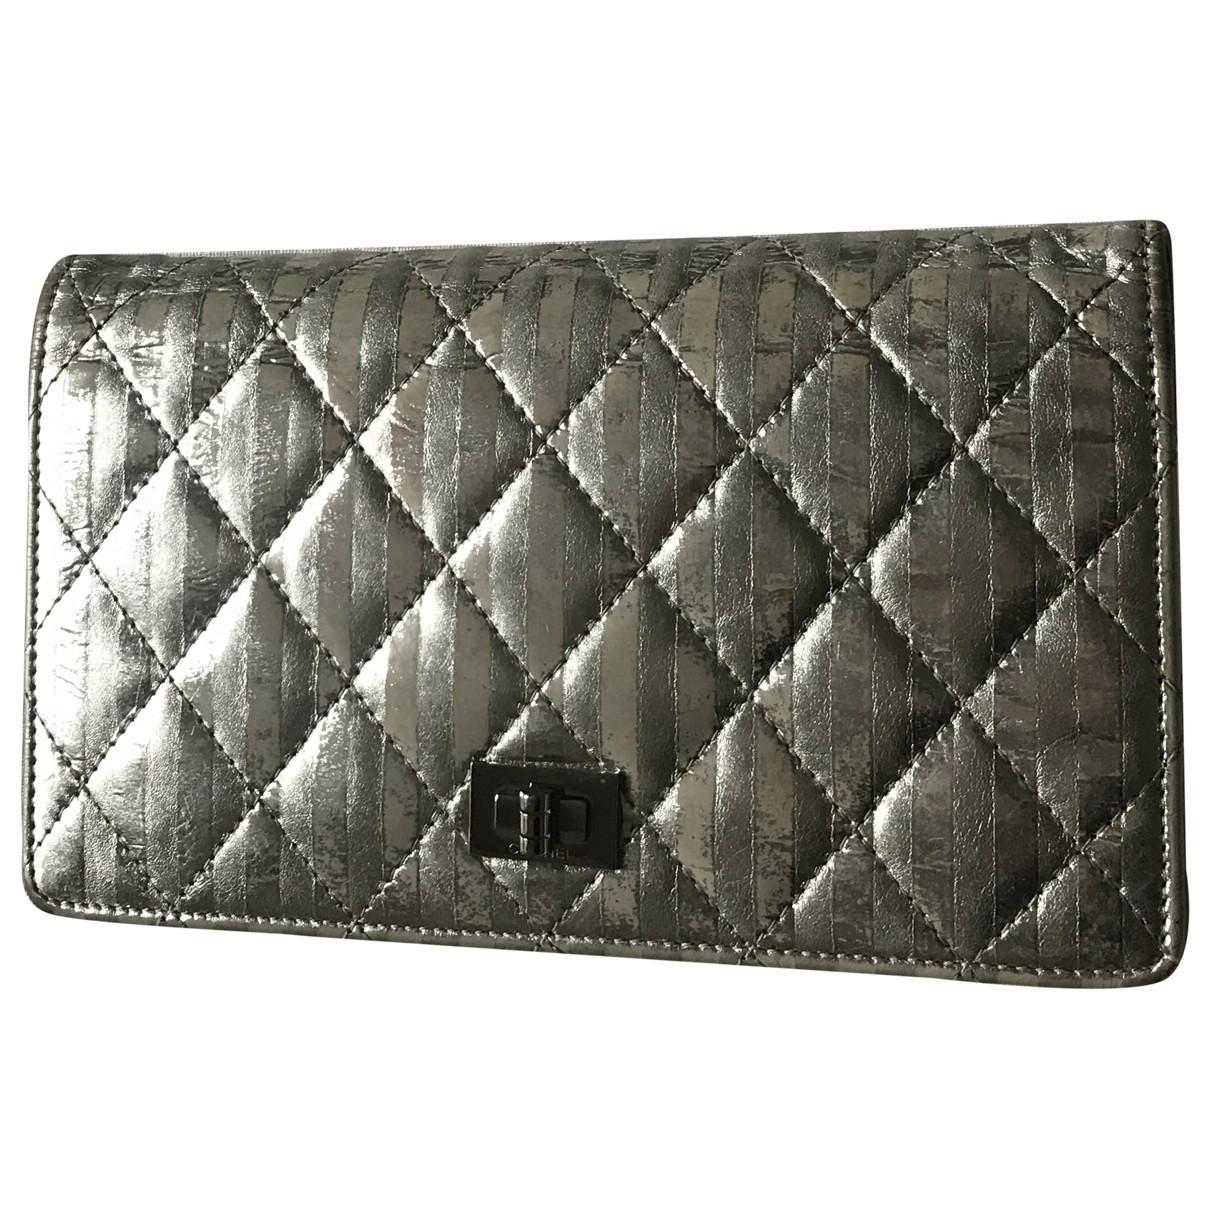 Chanel 2.55 Portemonnaie in  Silber Leder